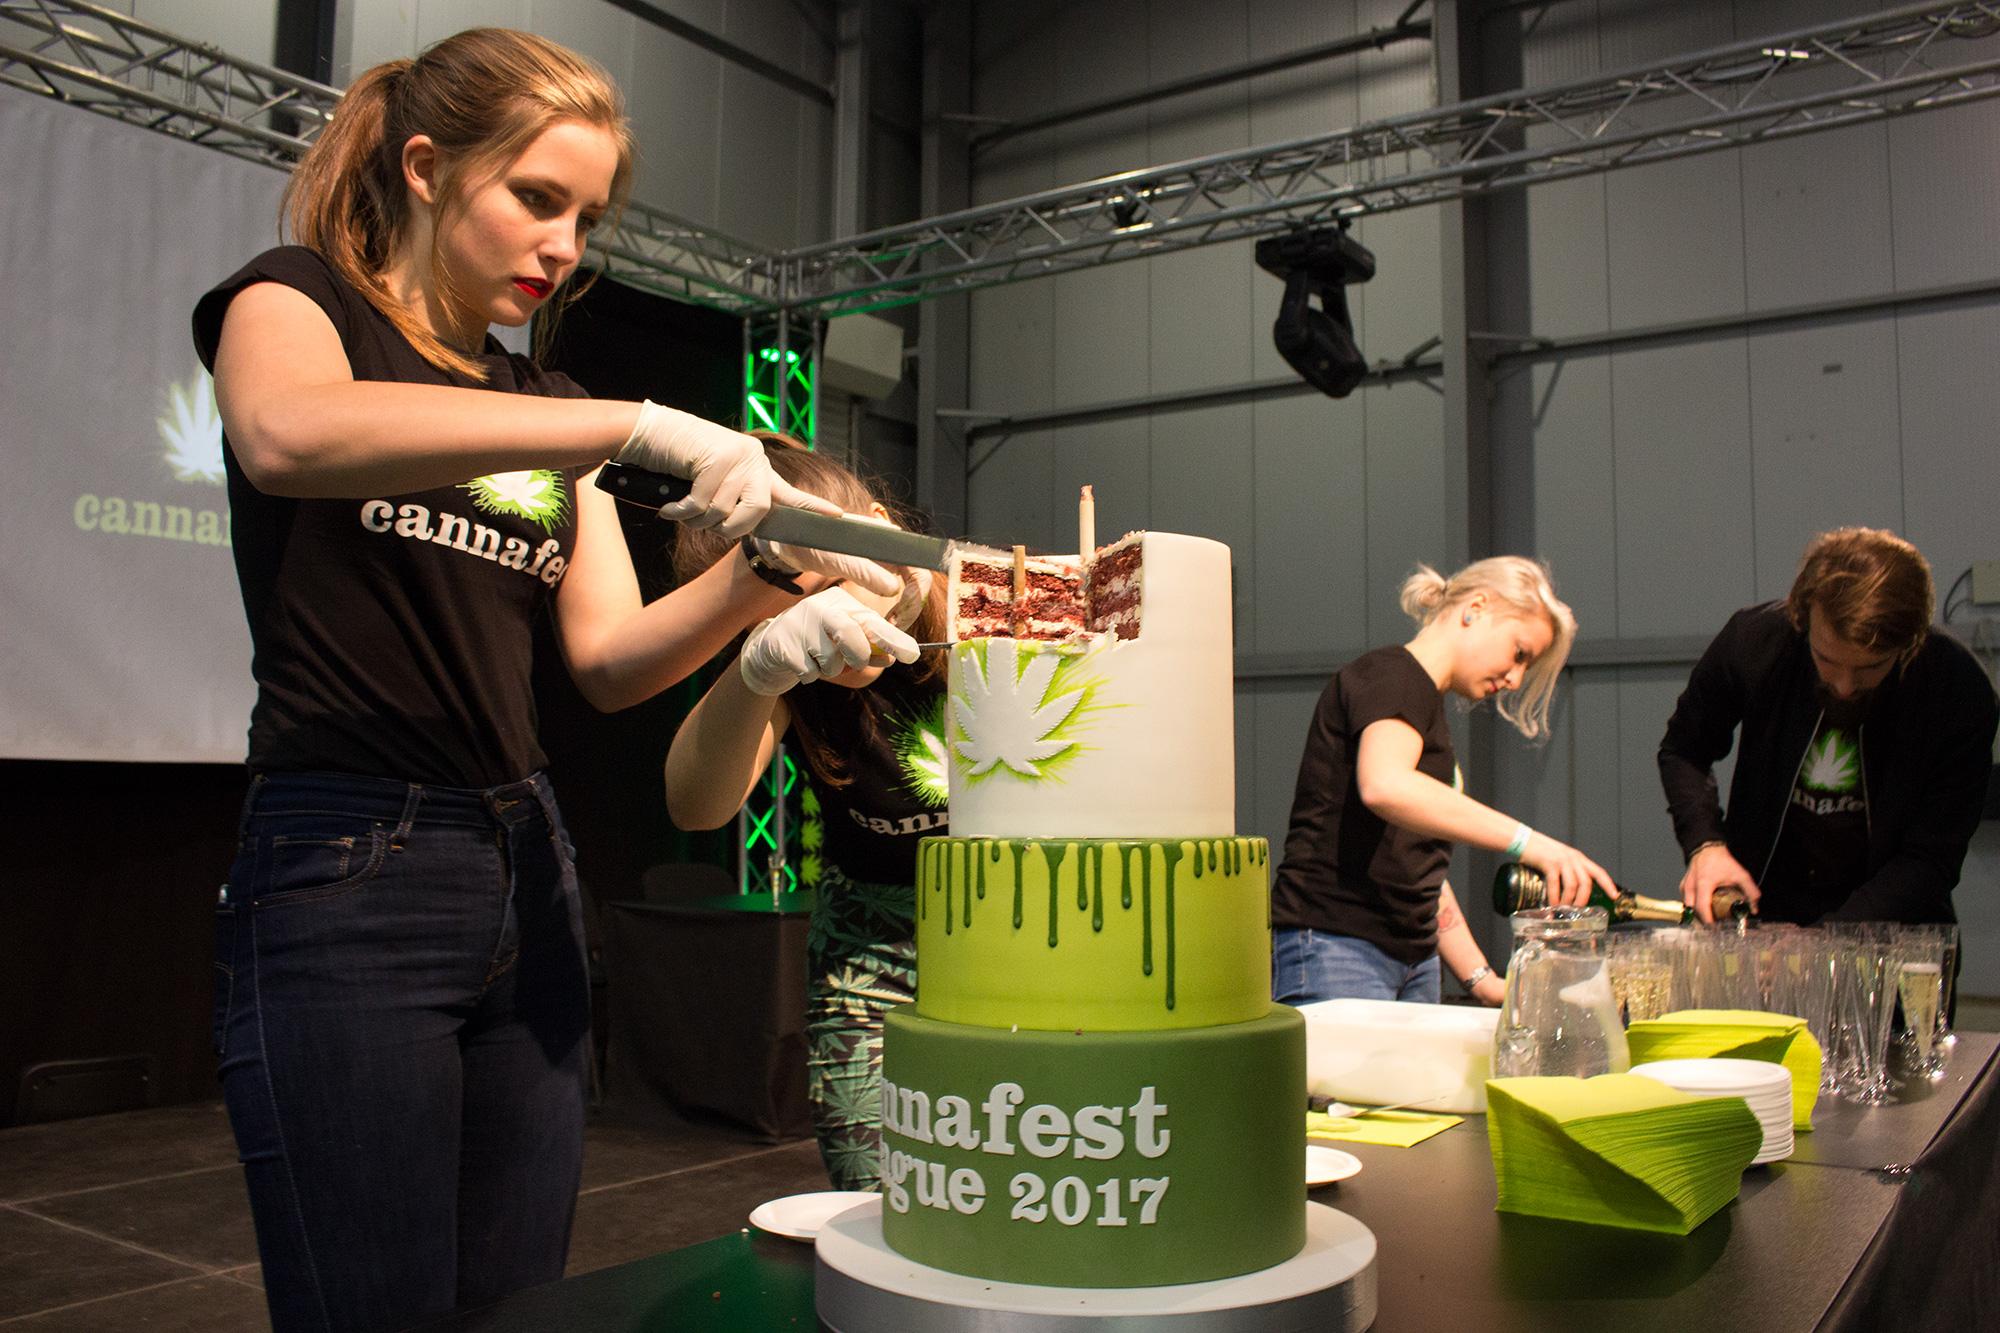 Пражский фестиваль конопли: наука и бизнес против запрета— фоторепортаж